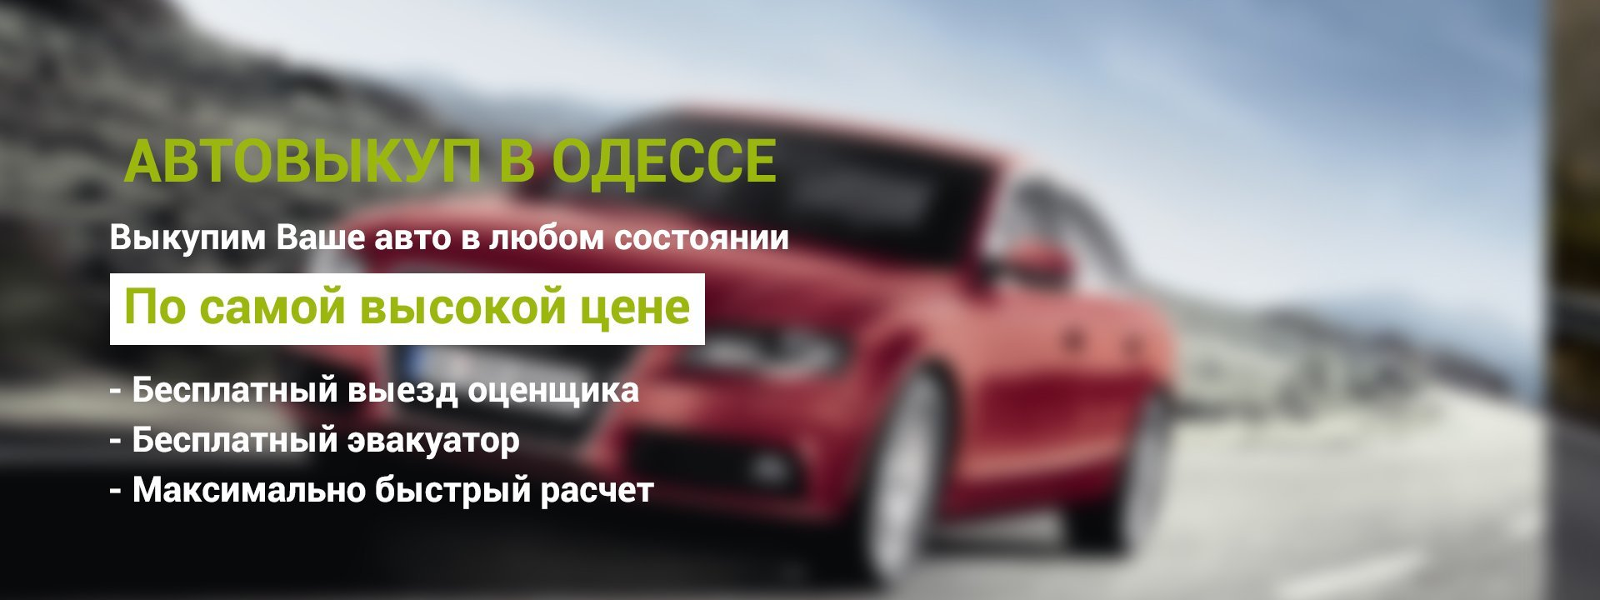 Авто за деньги в одессе ломбарды в дмитровском районе москва